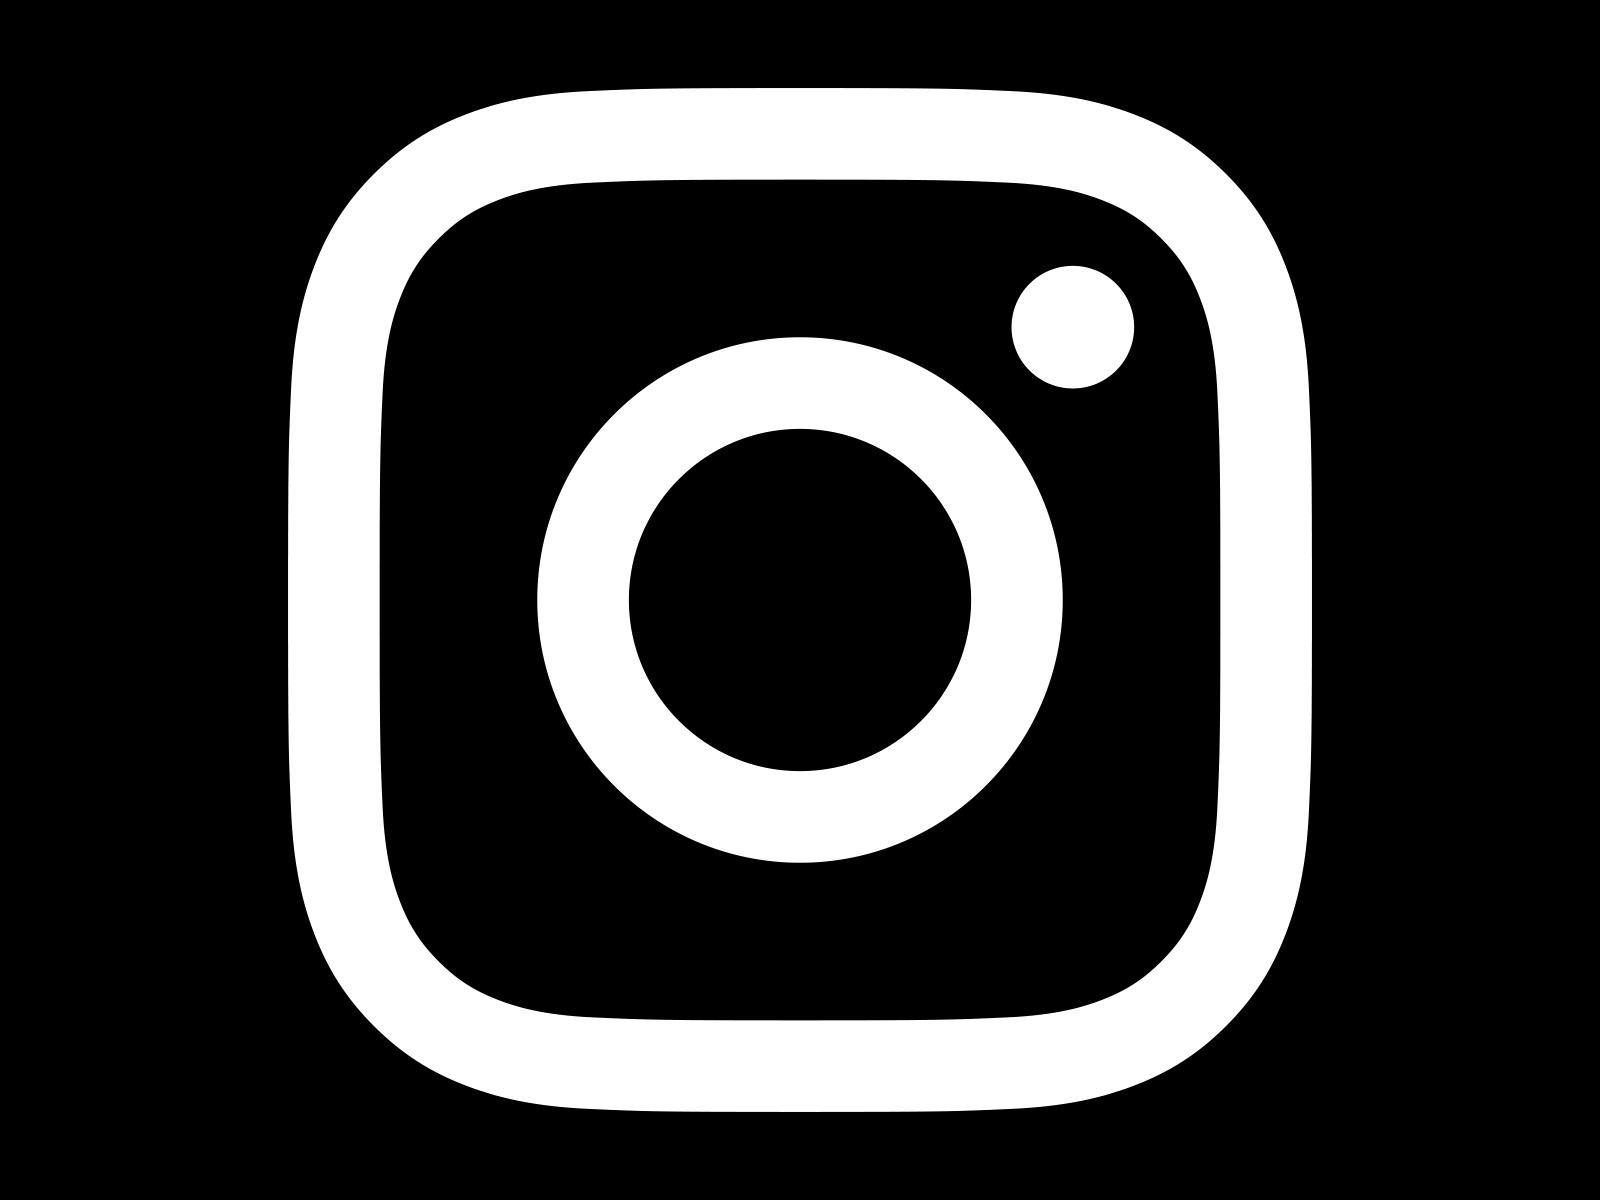 Instagram Logo White on Black